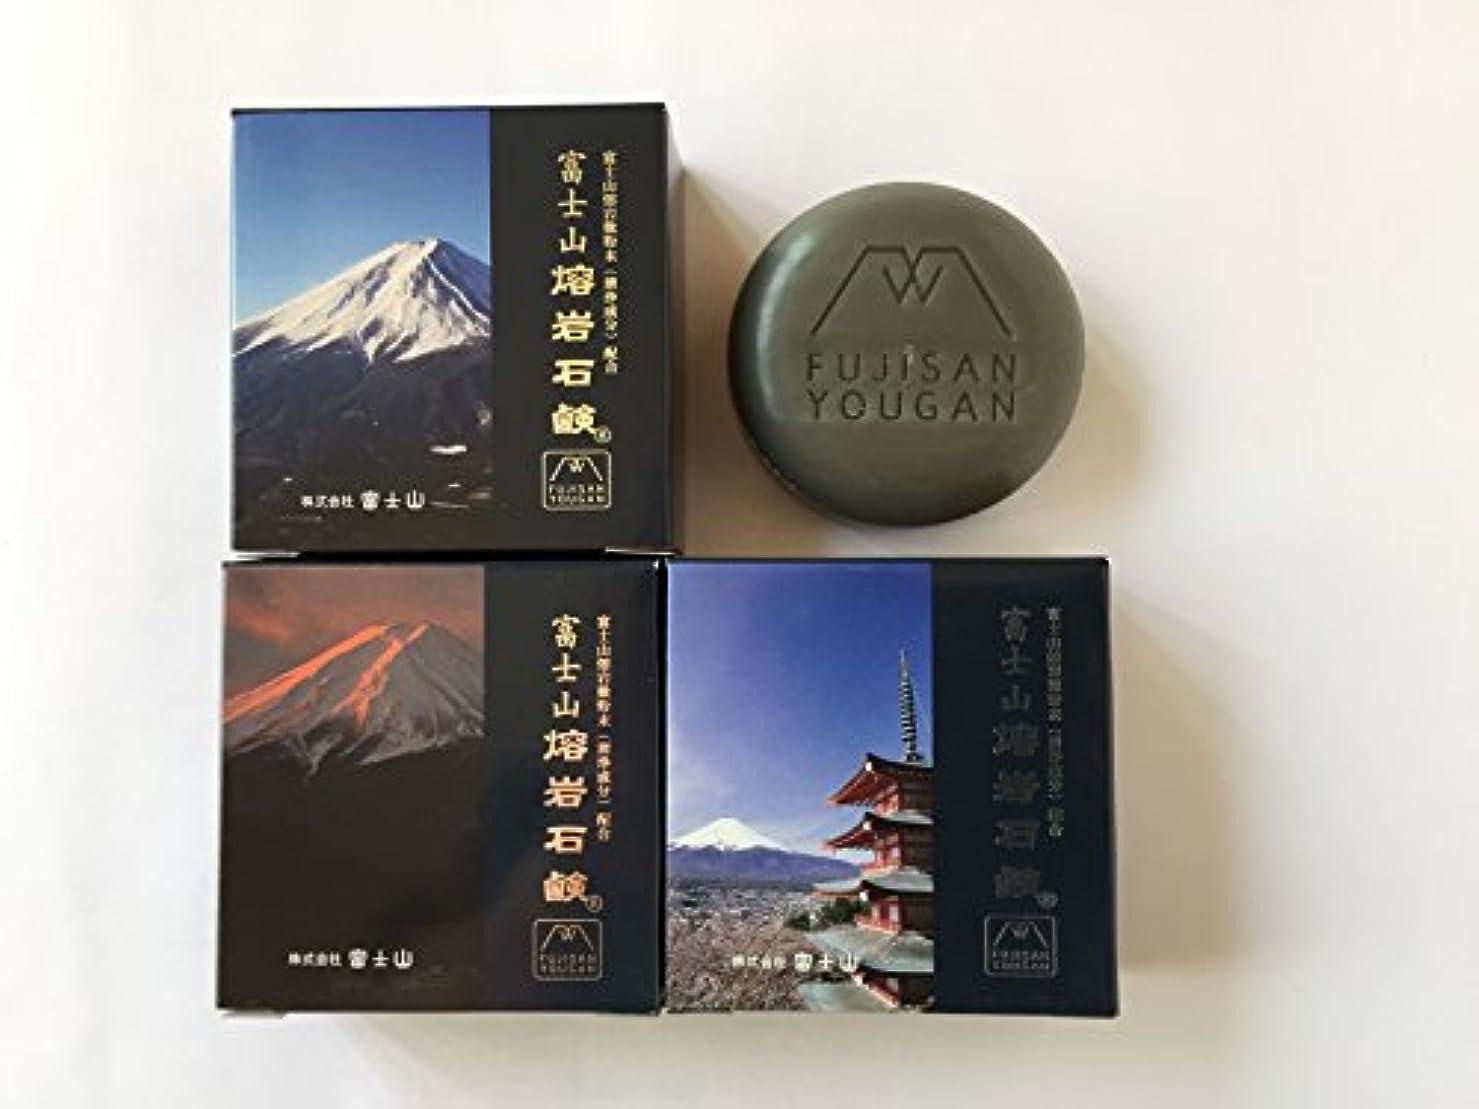 現実的真向こう拒絶する富士山溶岩石鹸(富士山写真化粧箱入り)お得用50g/個3種セット×2組(6個)